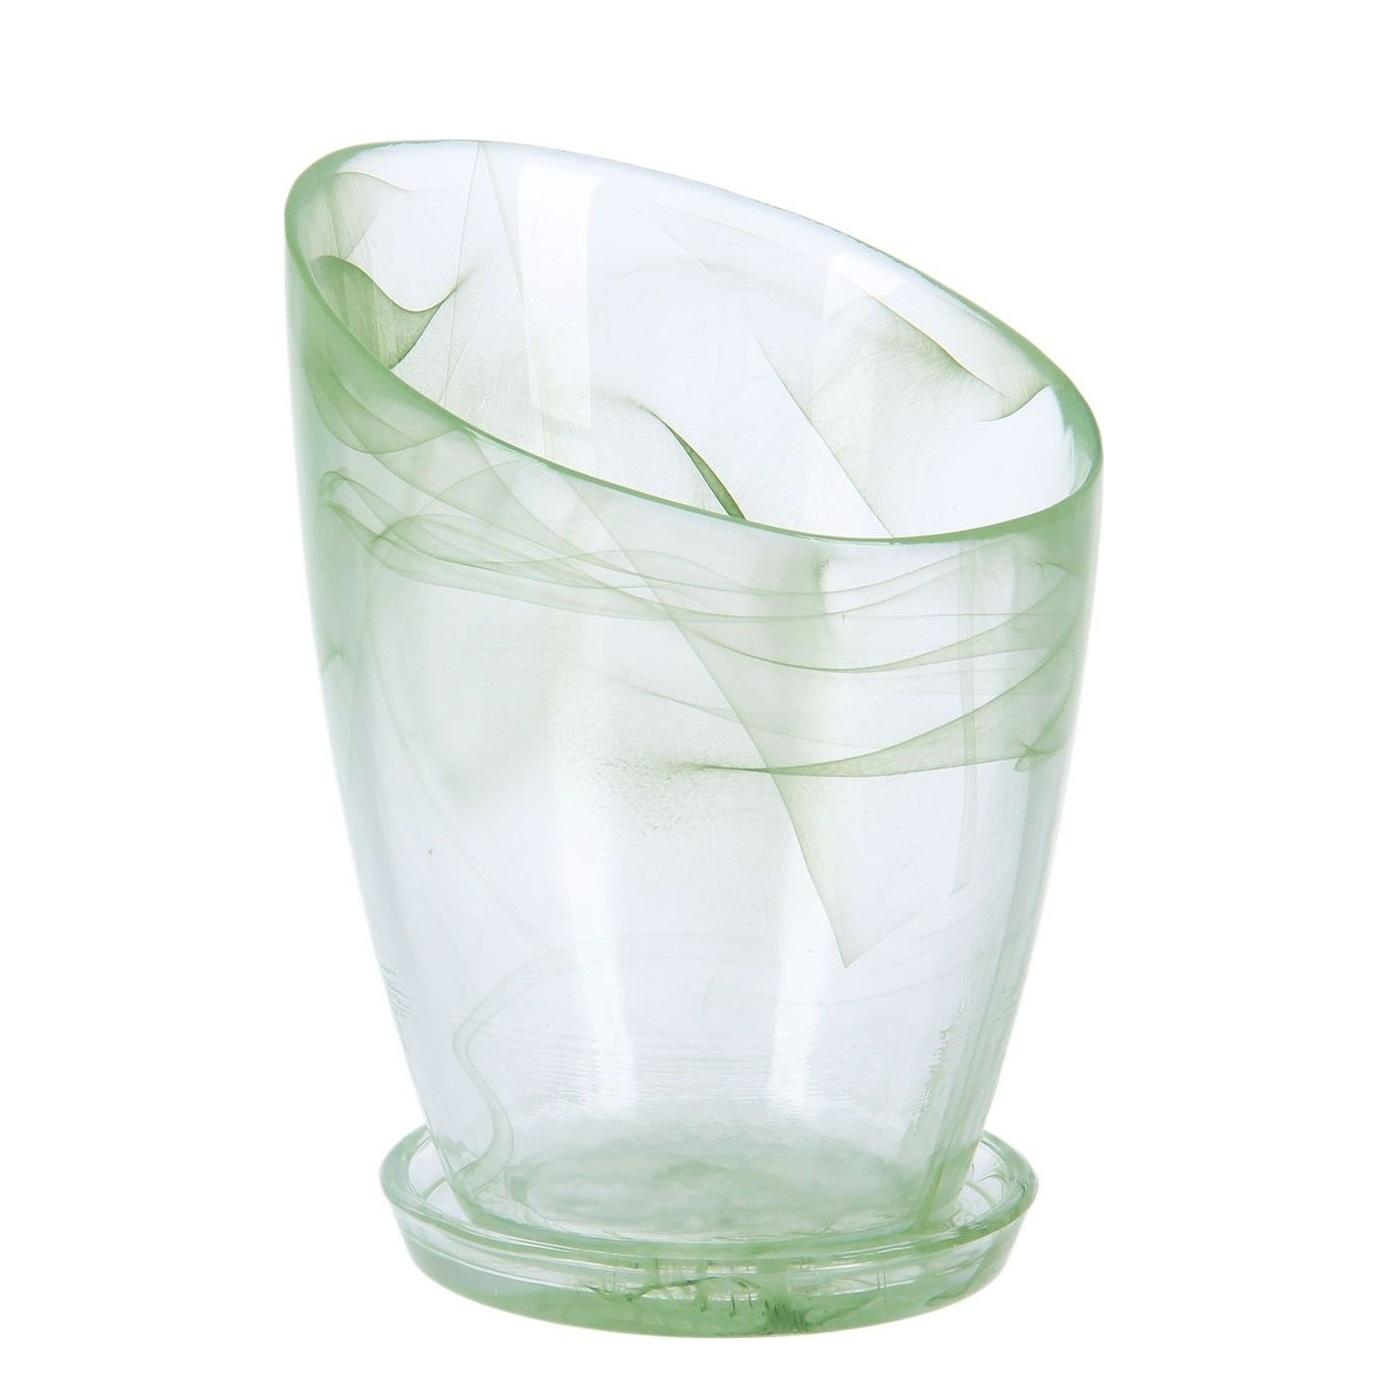 Кашпо Шерон зеленое диаметр 16,8 см